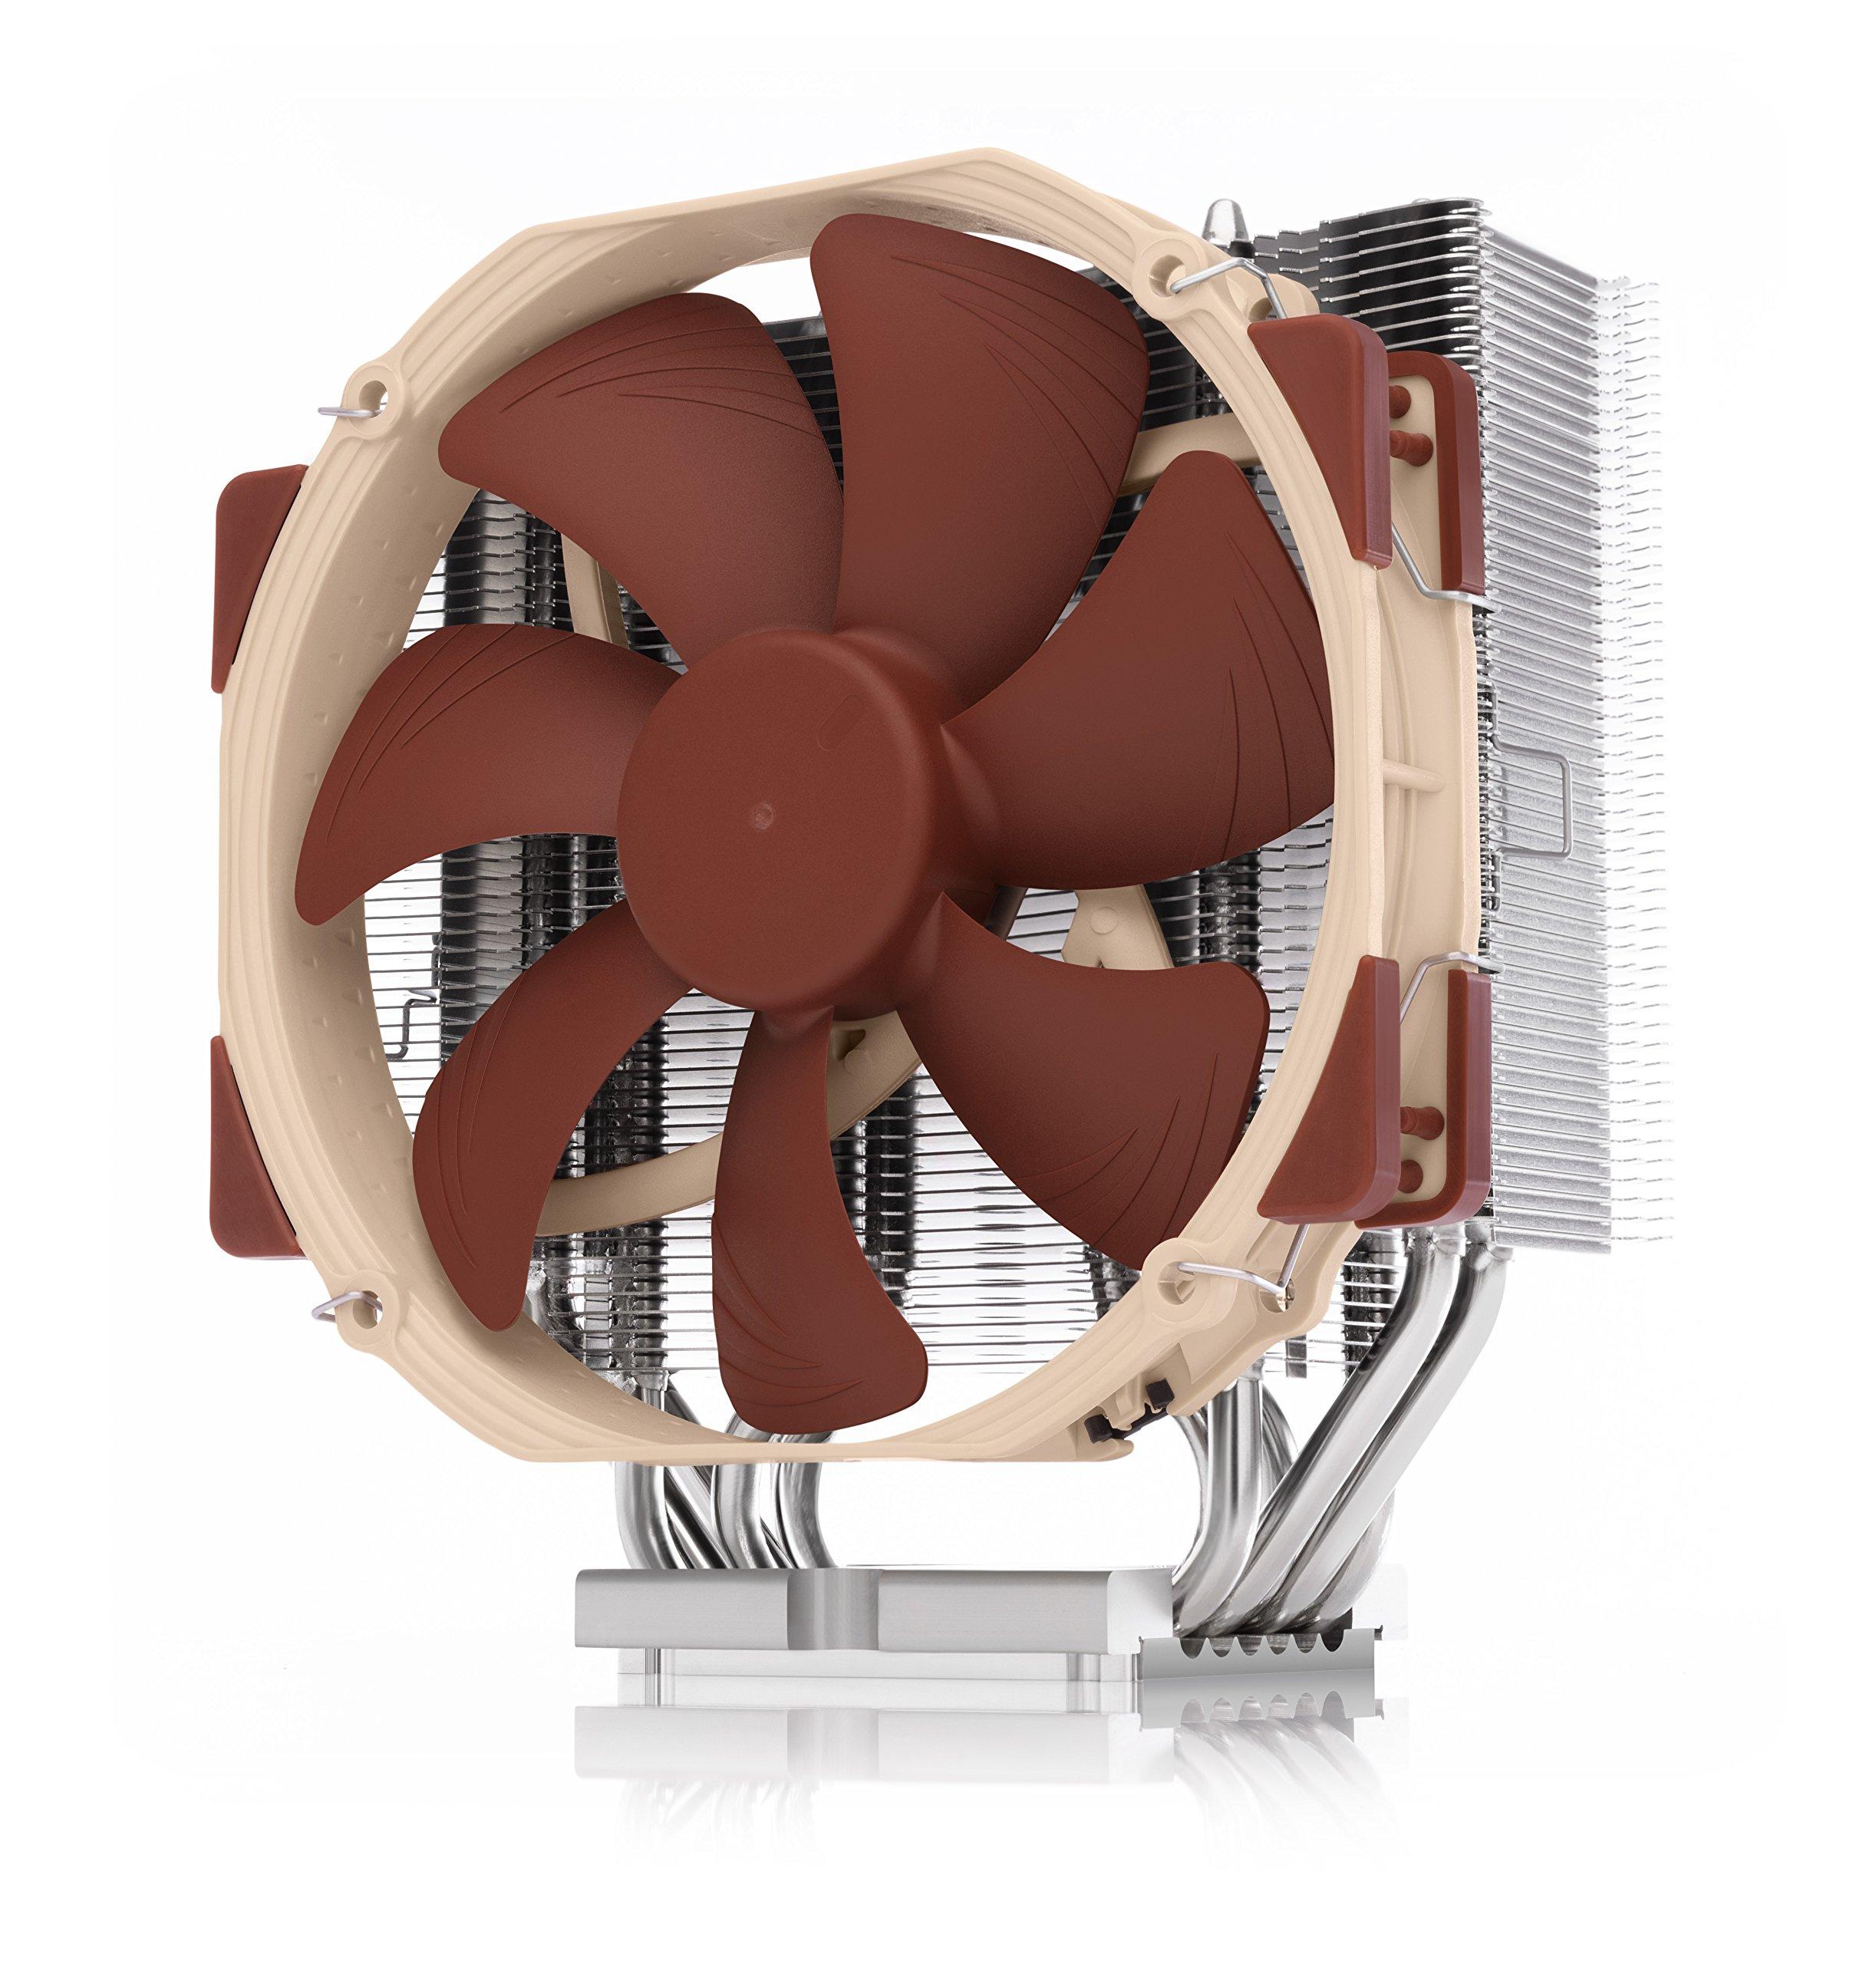 Noctua NH-U14S DX-3647 Premium Quality Quiet 140mm CPU Cooler for Intel Xeon LGA3647